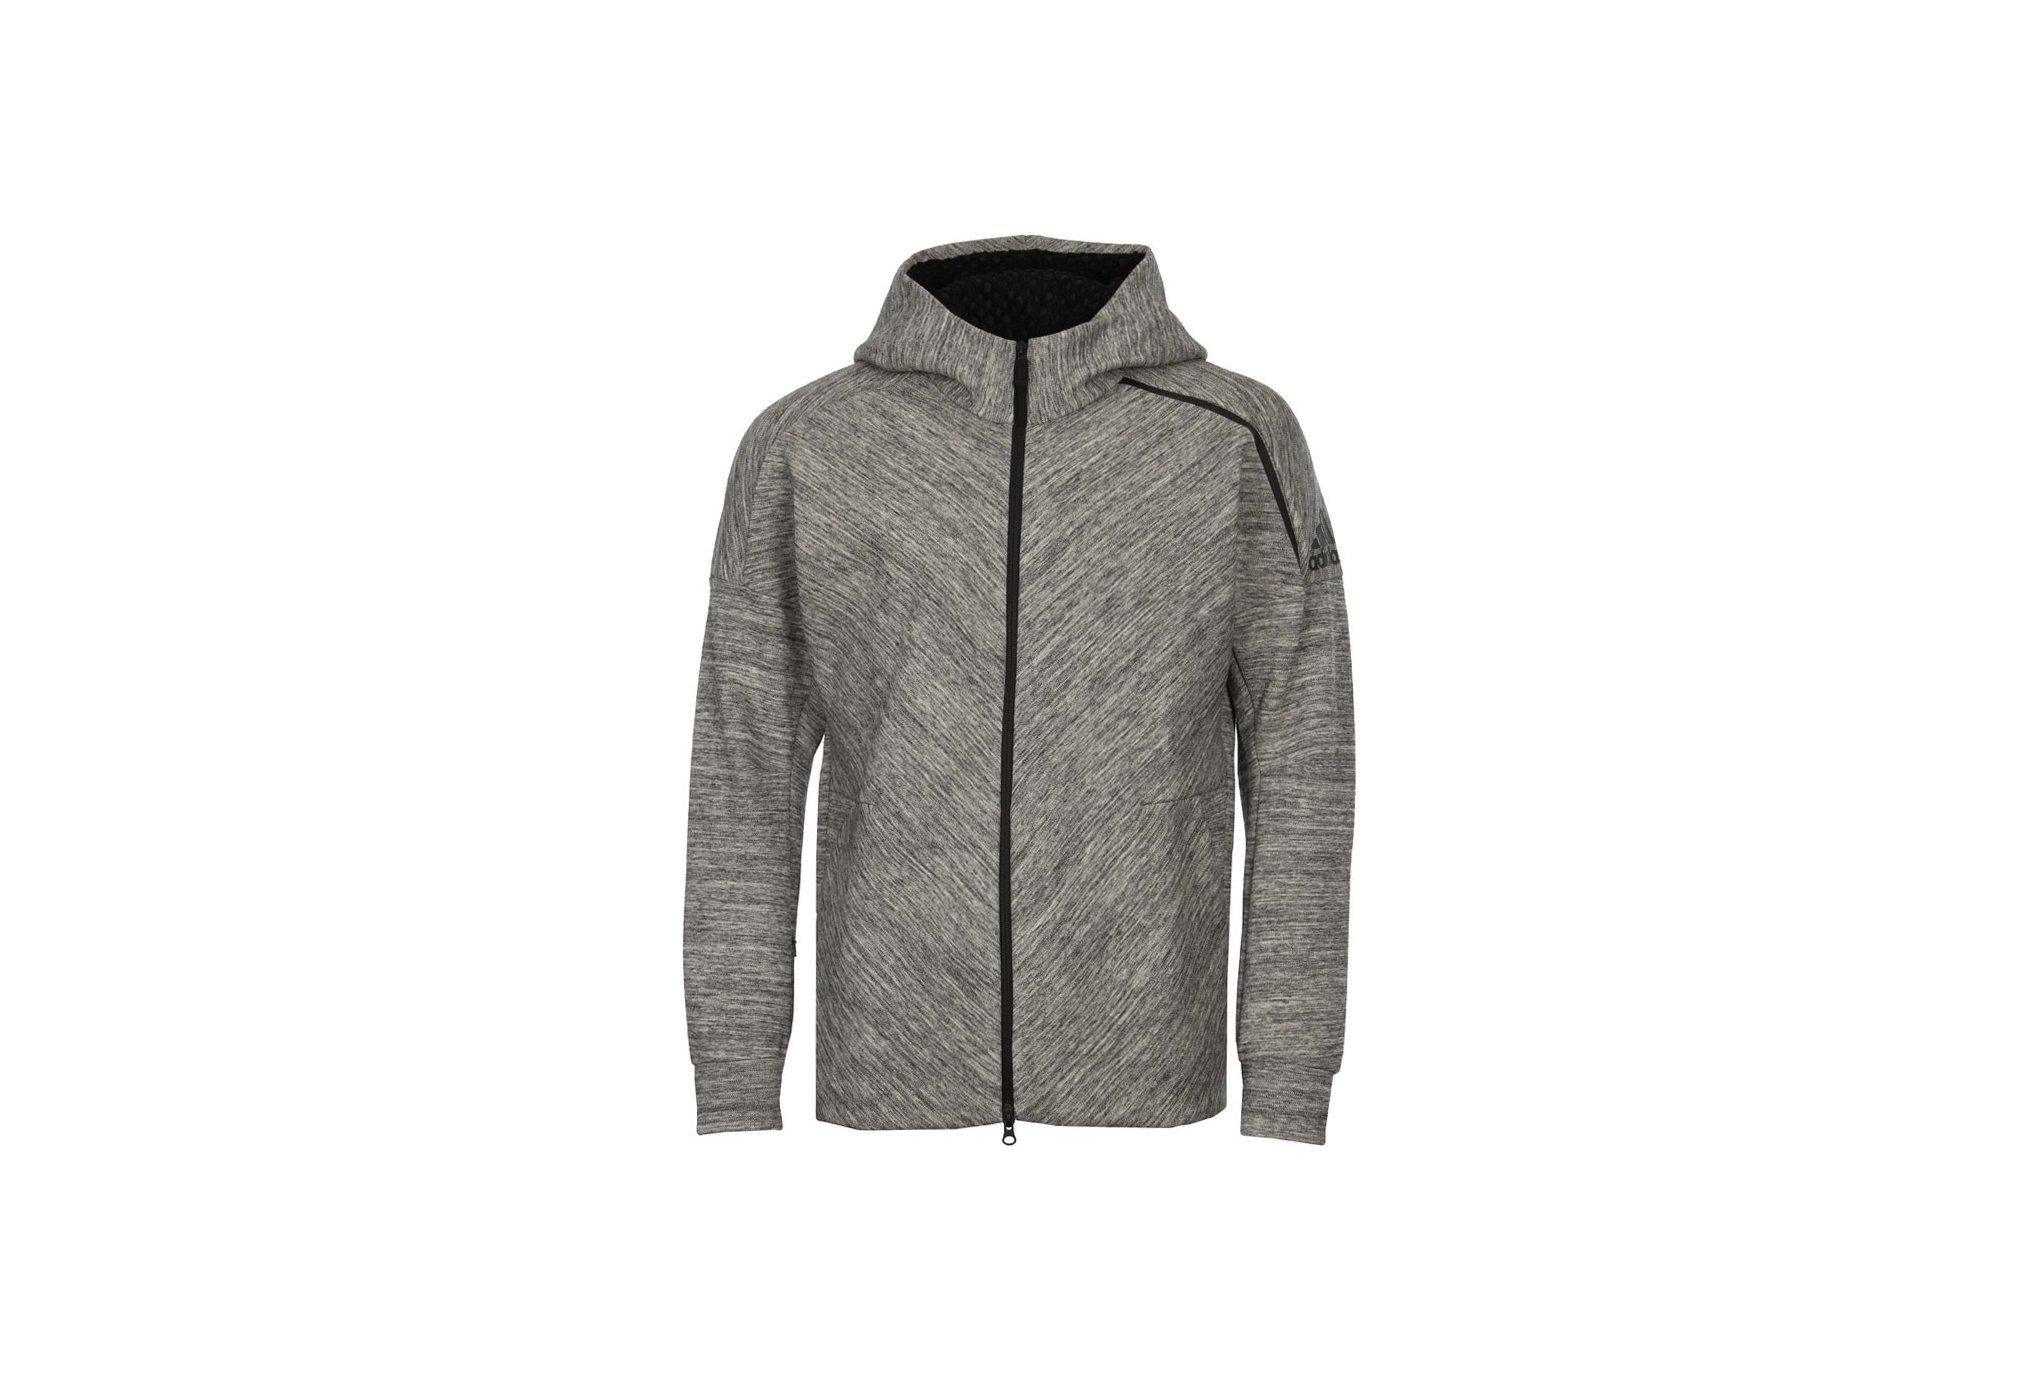 Adidas Z.N.e roadtrip hoody m vêtement running homme